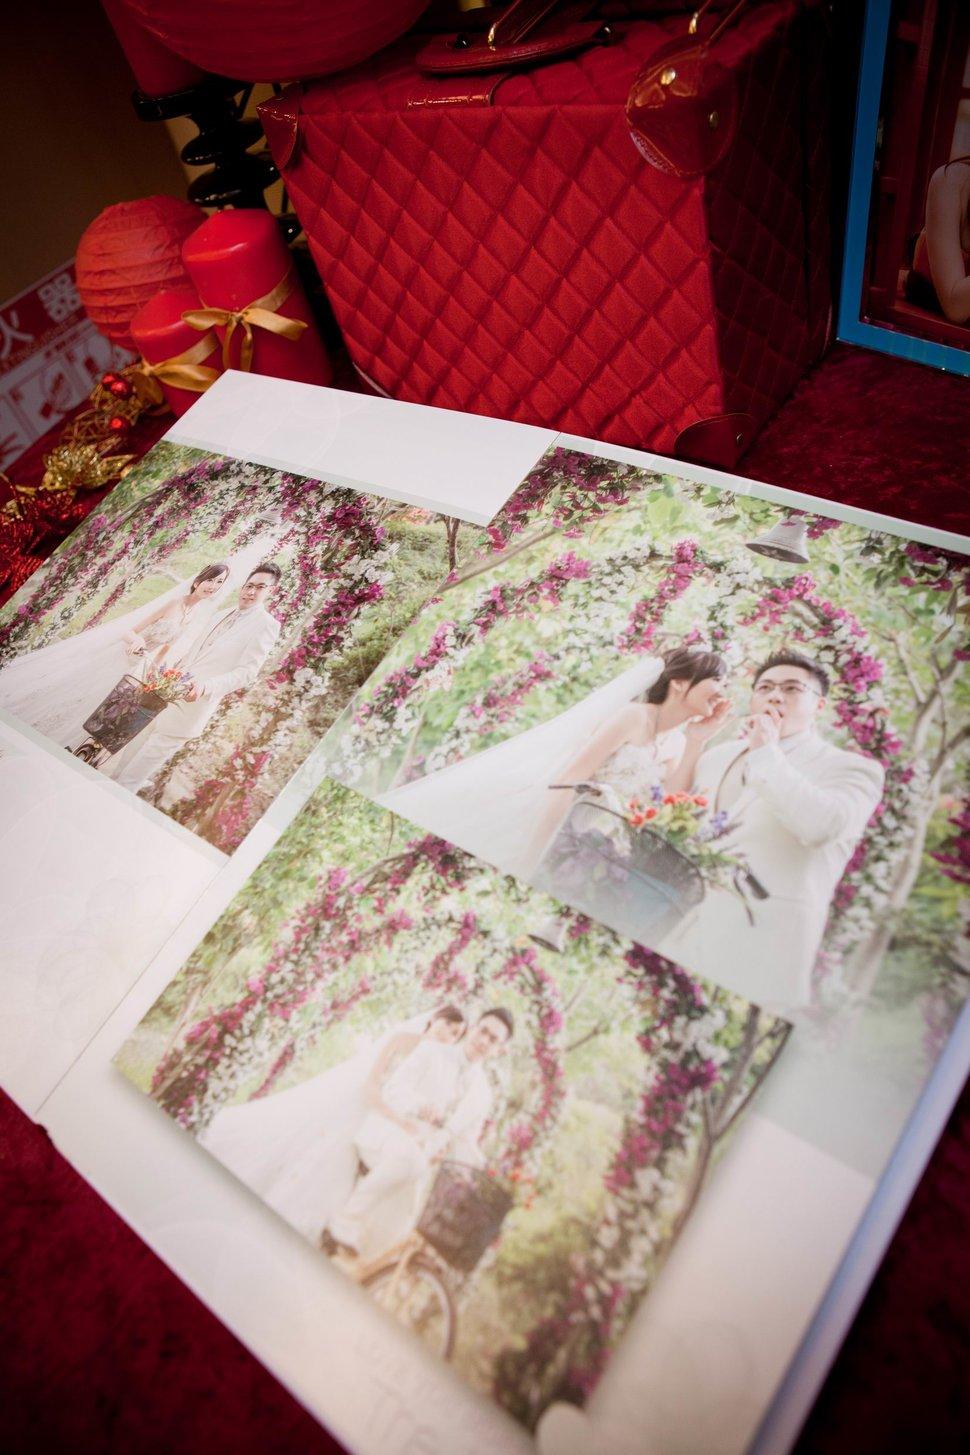 長榮桂冠酒店彭園會館婚禮記錄專業錄影平面攝影(編號:195049) - 蜜月拍照10800錄影12800攝影團隊 - 結婚吧